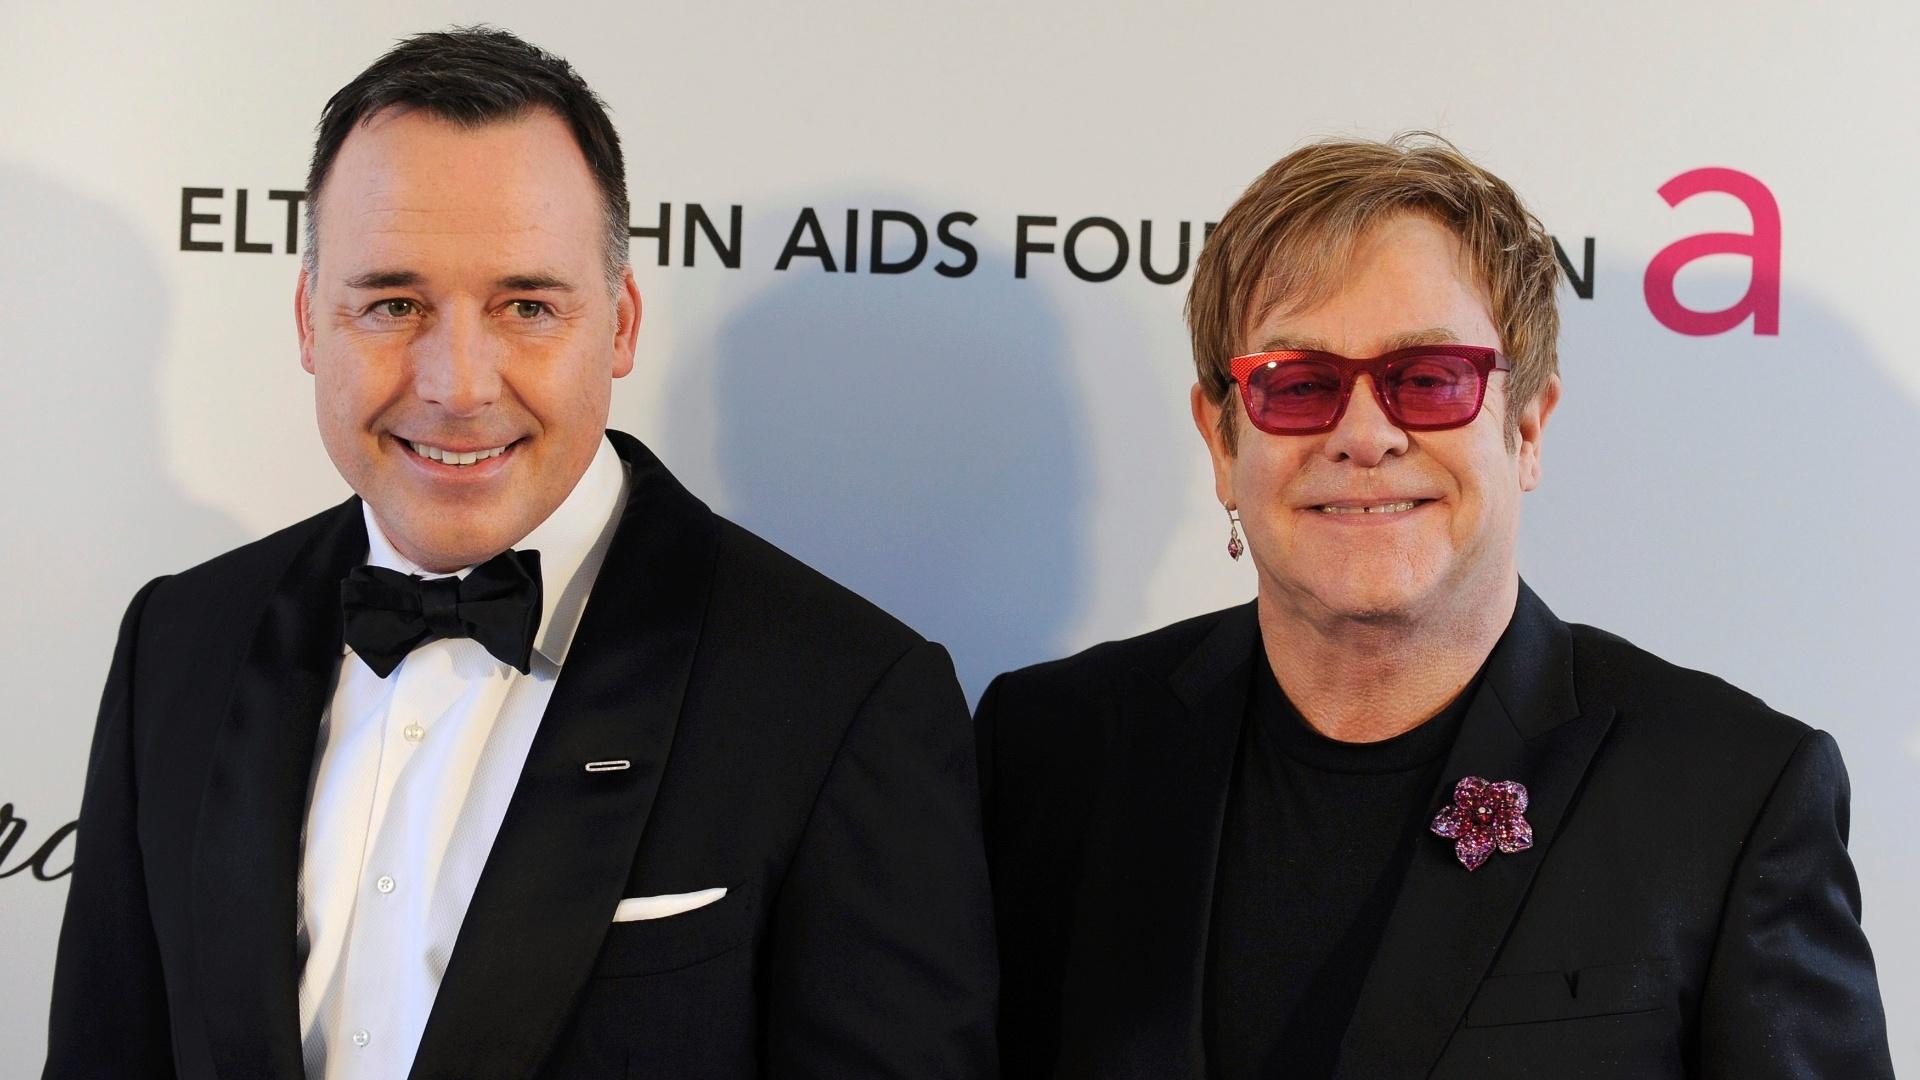 24.fev.2013 - O cantor Elton John e o parceiro David Furnish comparecem a festa que promovem antes da premiação para arrecadar fundos para combater a AIDS